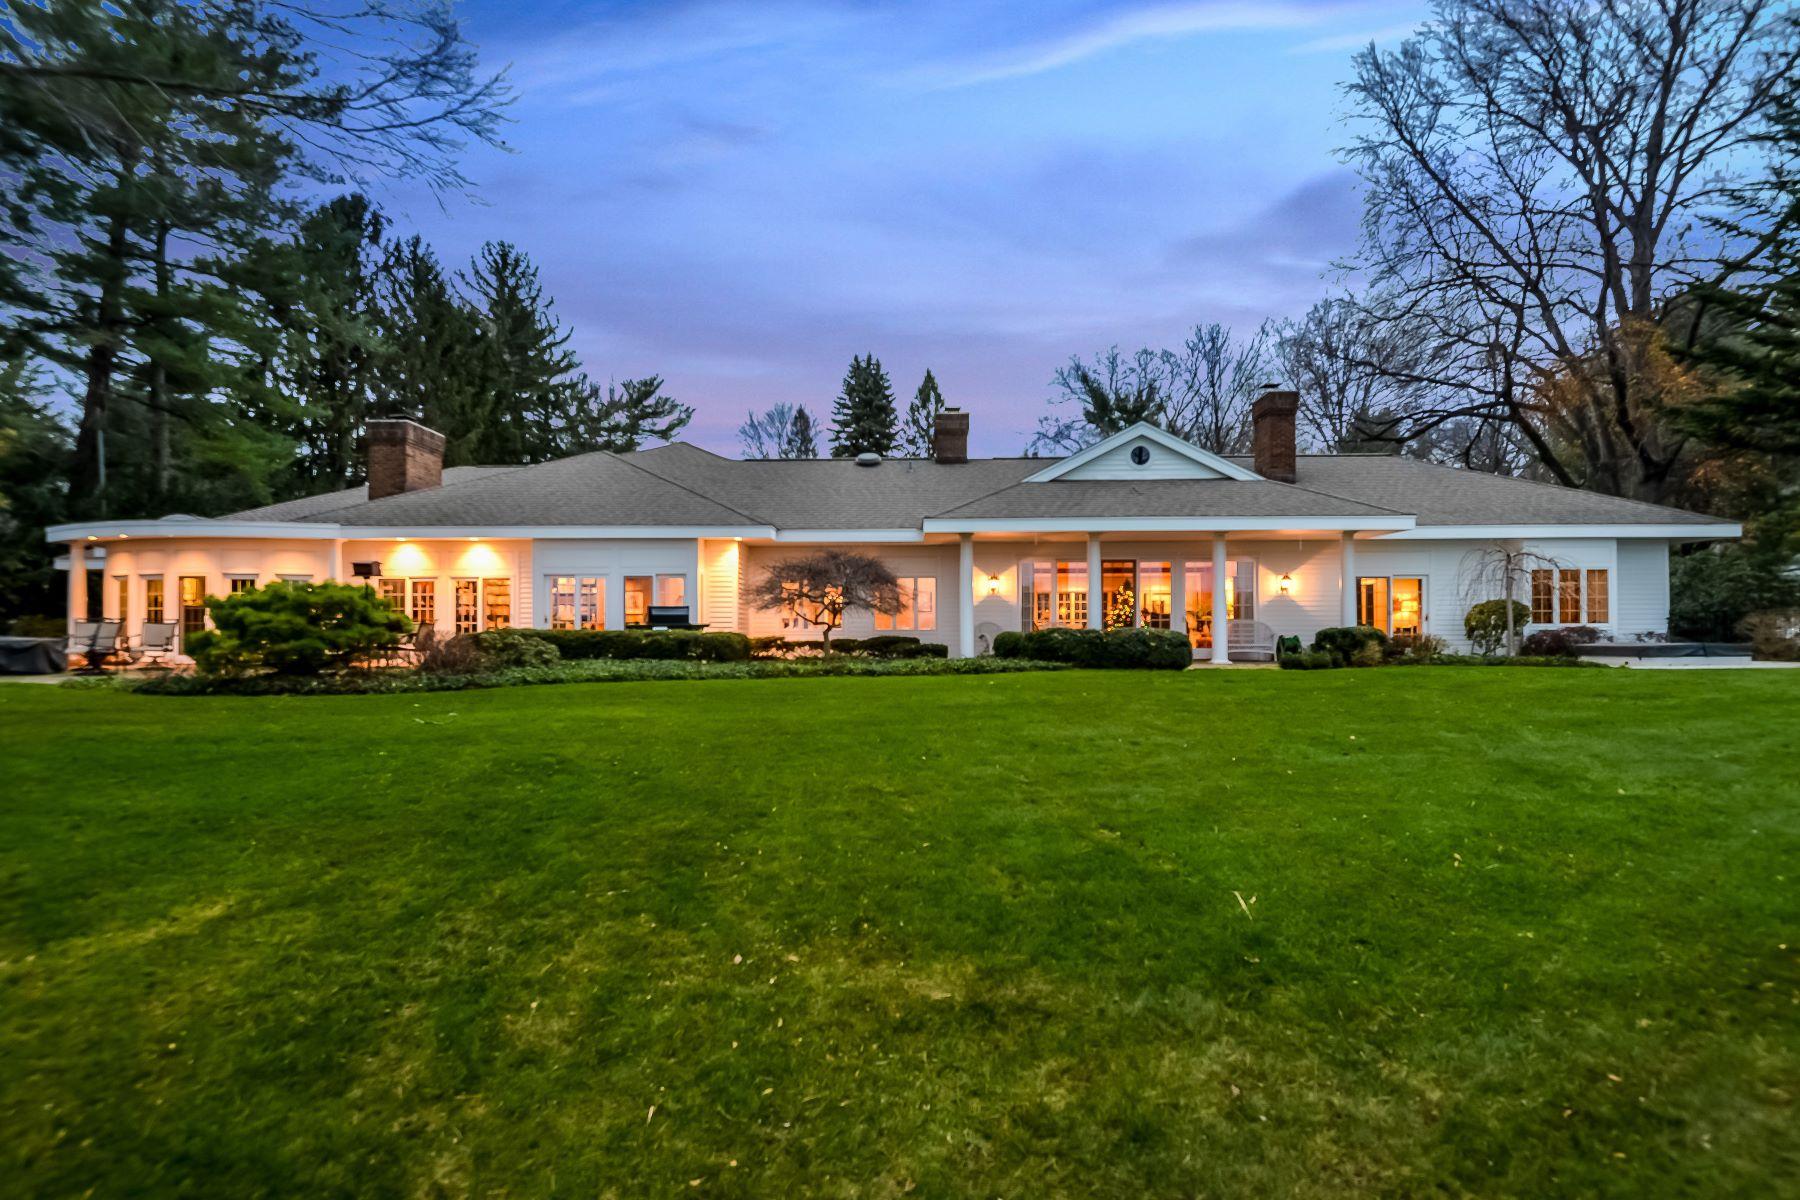 一戸建て のために 売買 アット Exclusive Spring Lake Estate With Incomparable Lake Michigan Views 2925 Judson Road Spring Lake, ミシガン, 49456 アメリカ合衆国